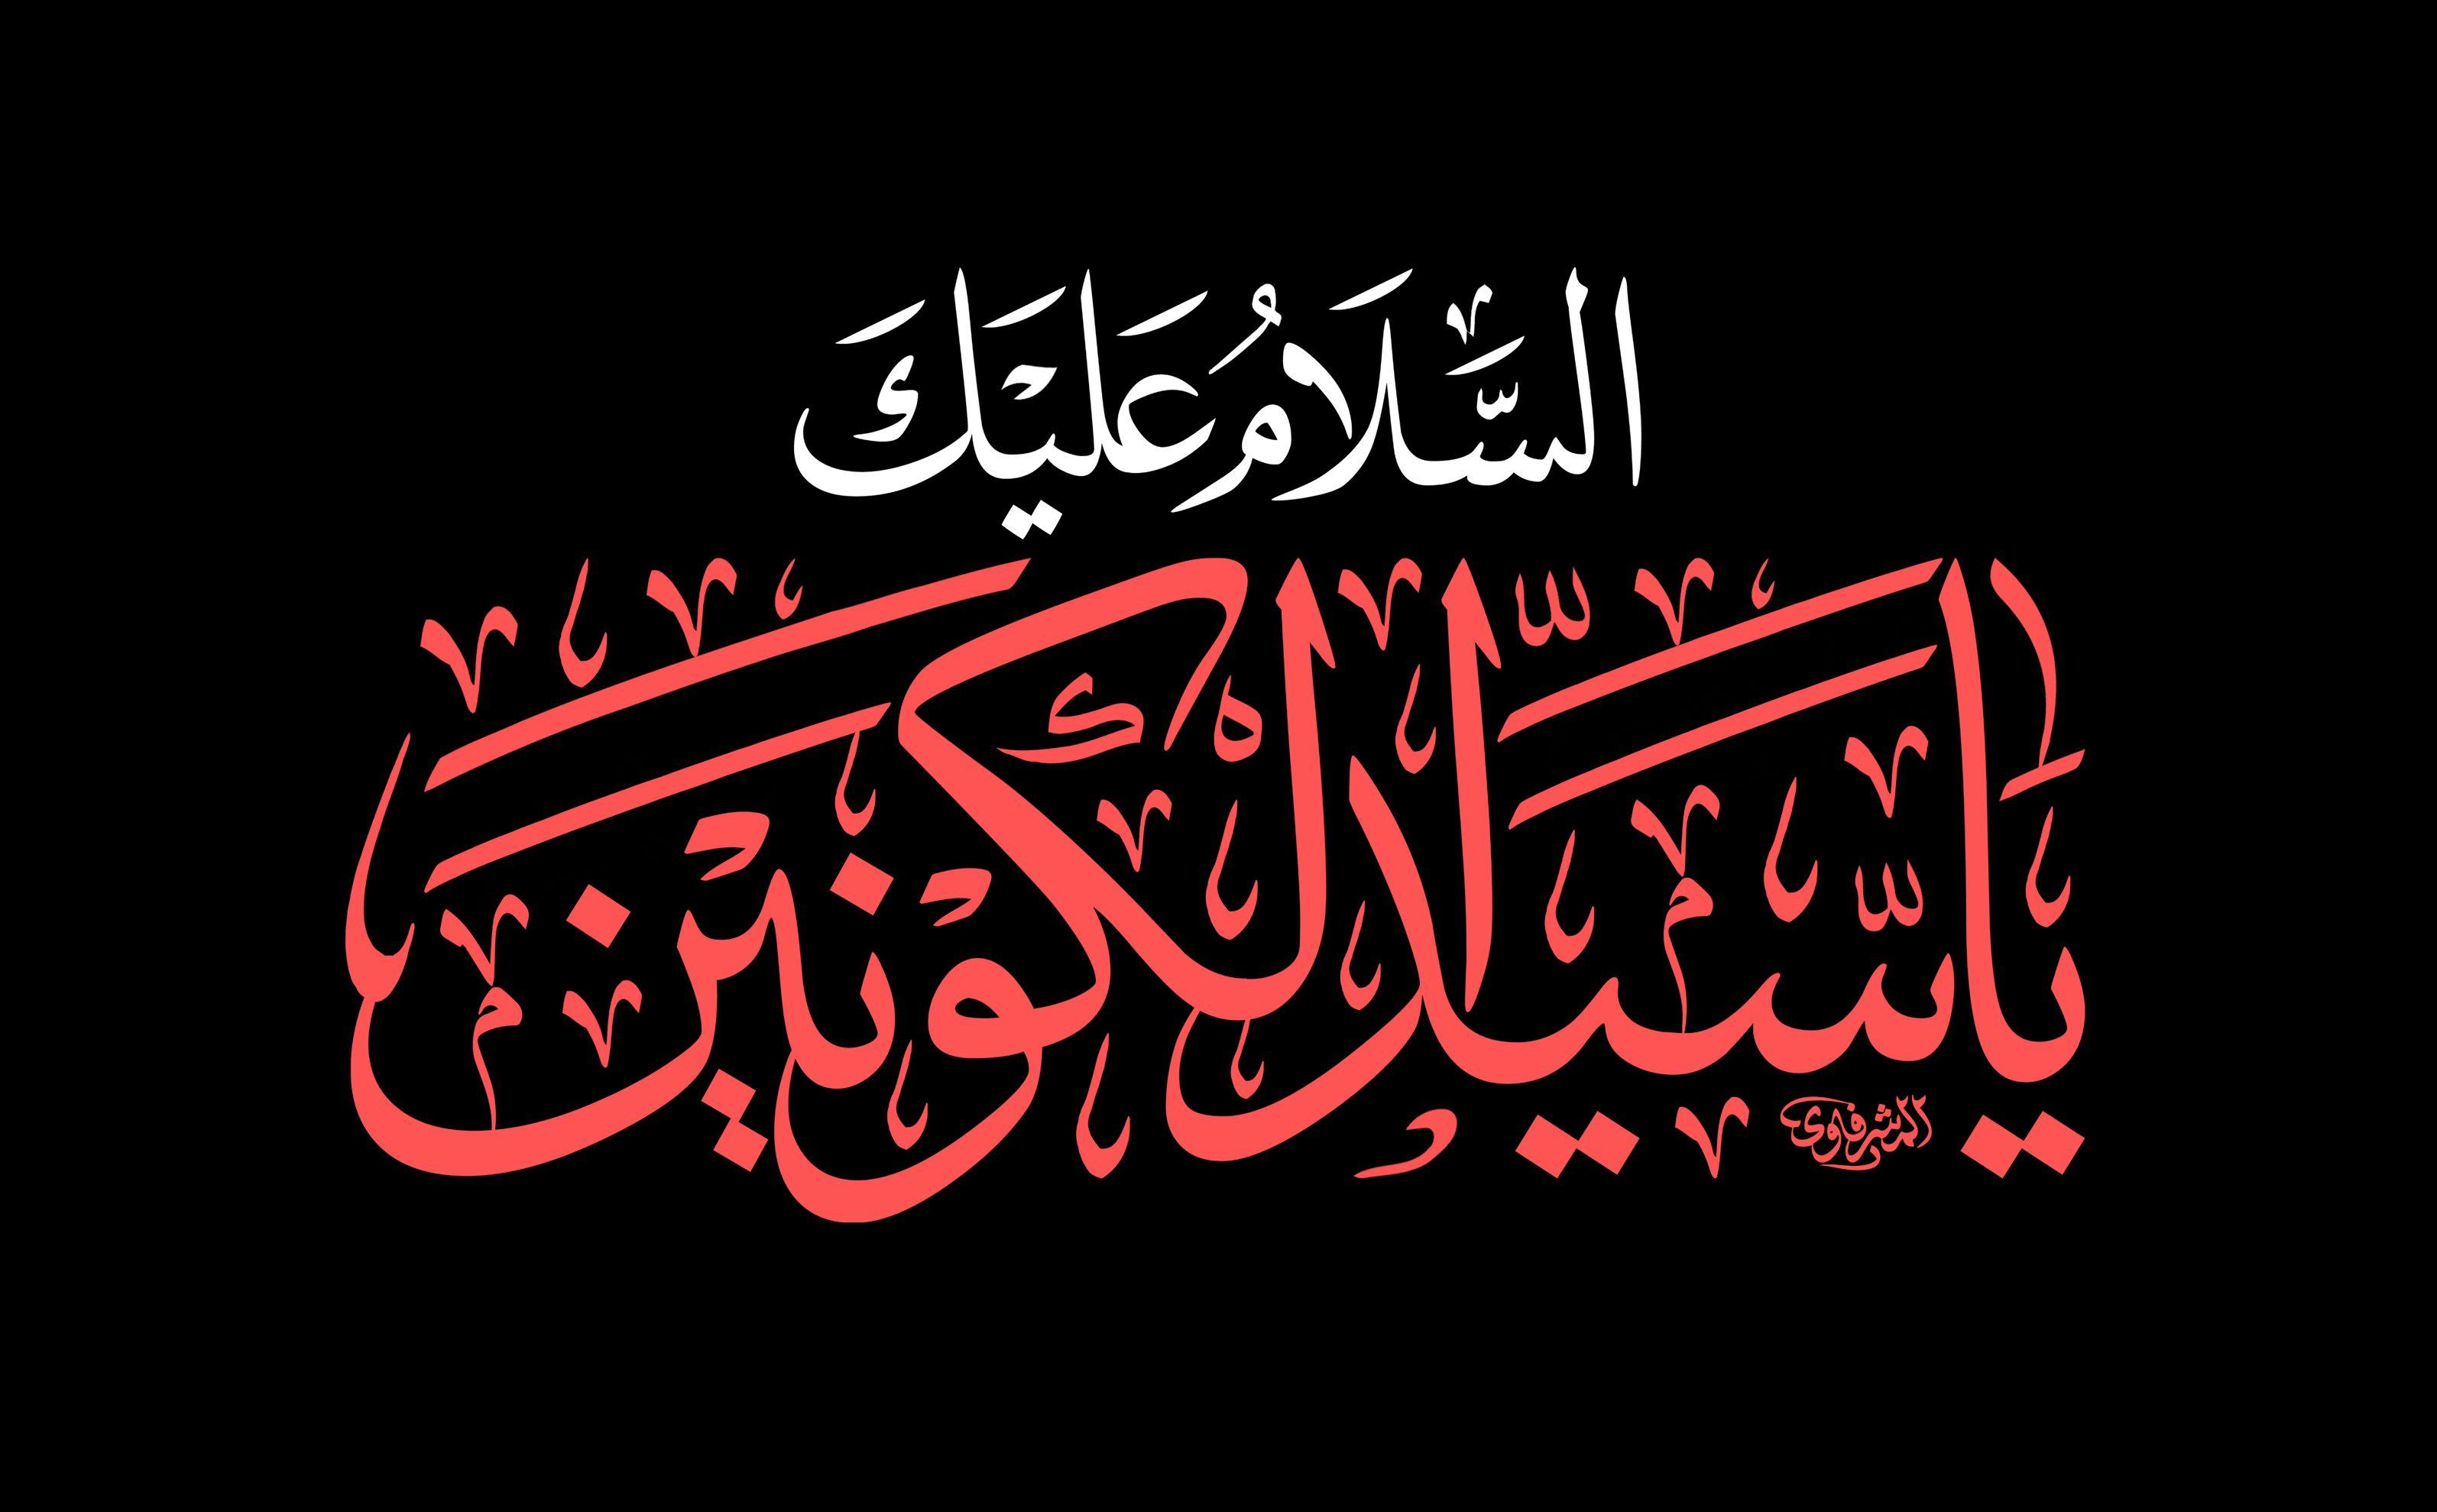 السلام عليك ياسيد الكونين محمد صلى الله عليه وآله الخطاط محمد المشرفاوي Islamic Calligraphy Calligraphy Art Moharam